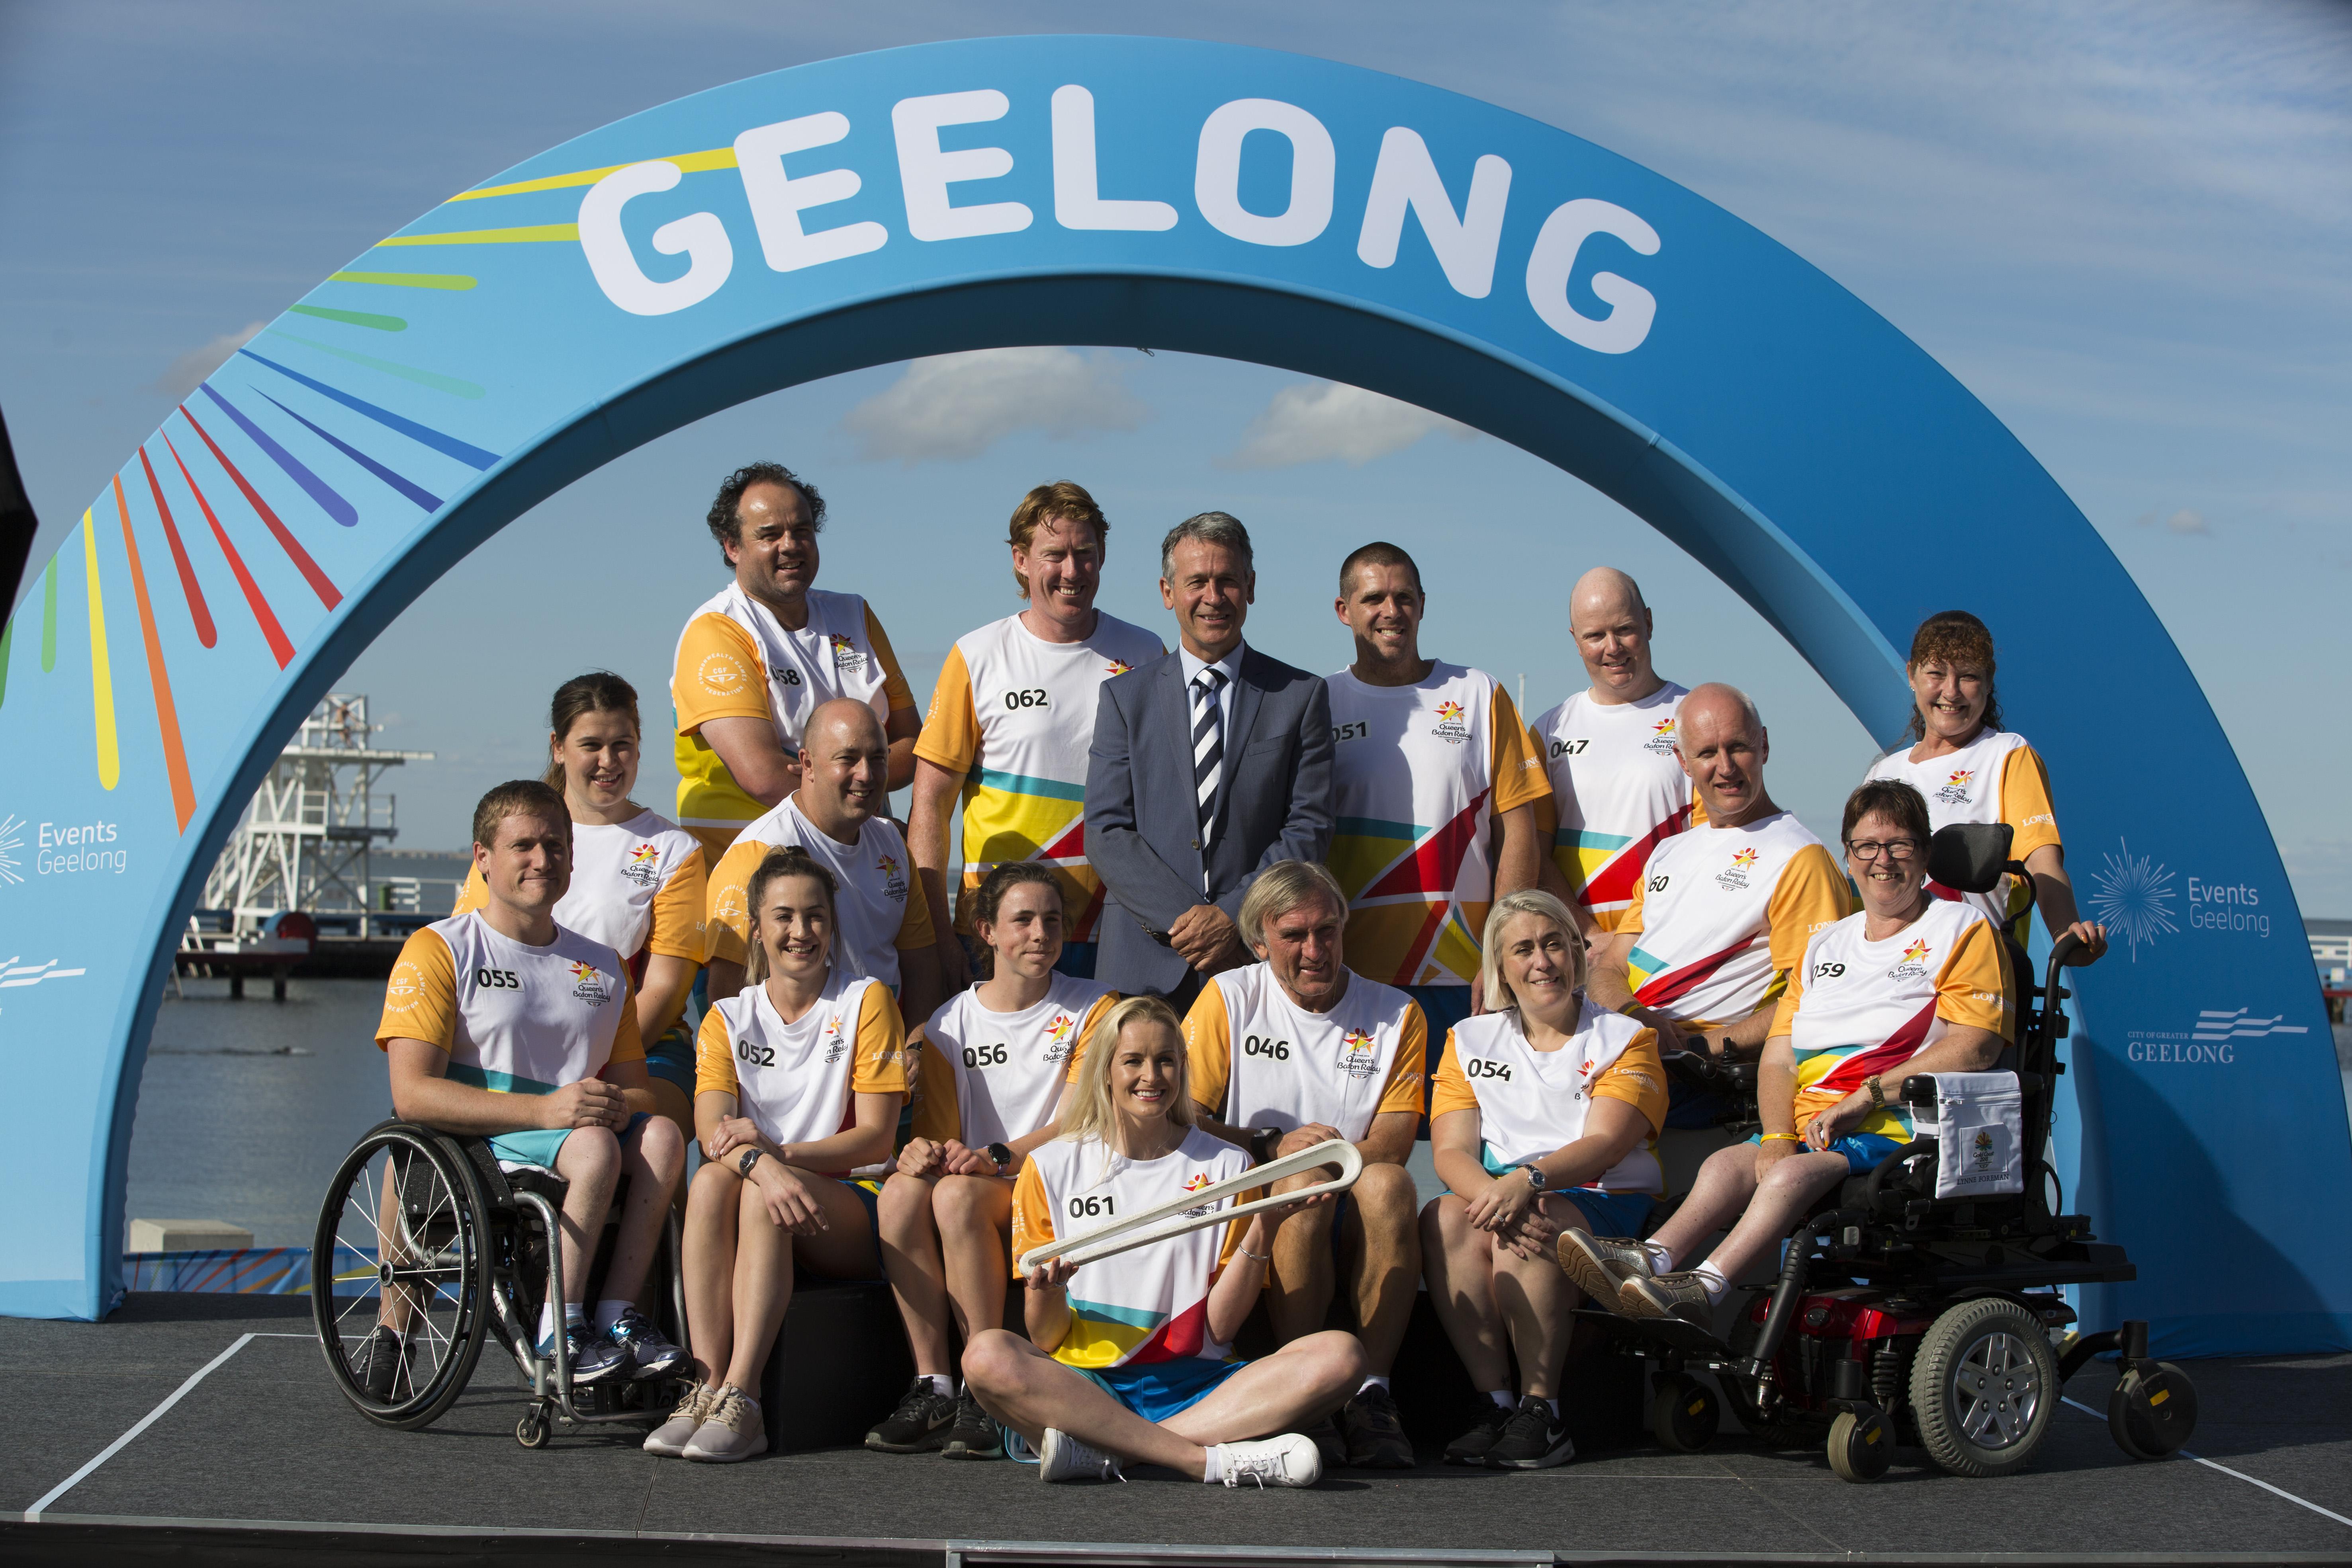 Geelong baton relay group (1)